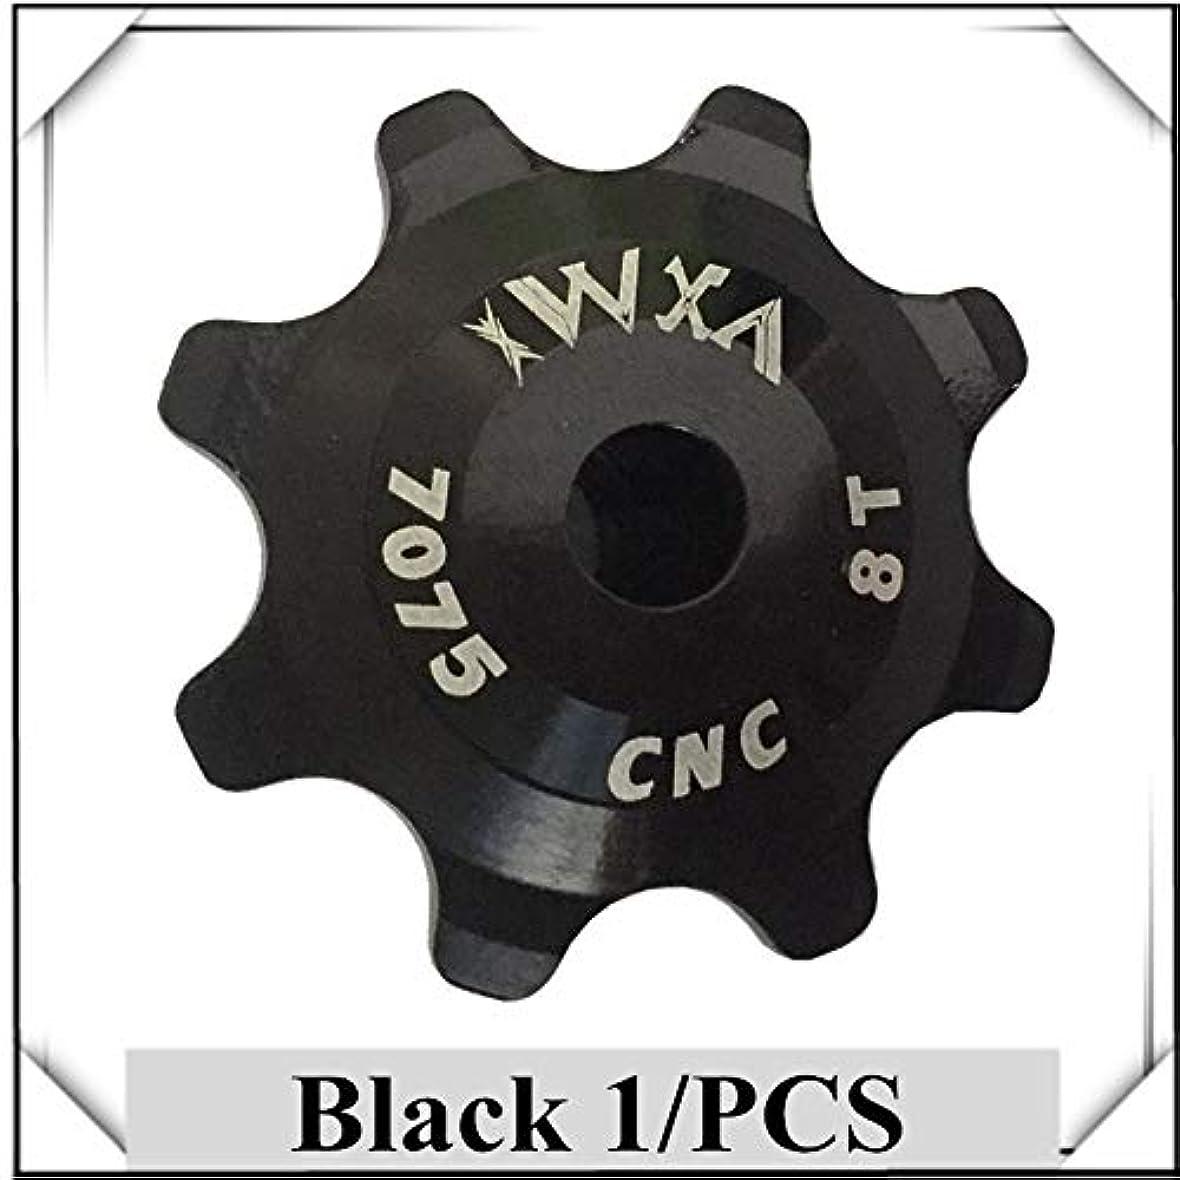 おいしいパイル僕のPropenary - Bicycle Ceramics Jockey Wheel Rear Derailleur Pulley 8T 7075 Aluminum alloy Cycling guide pulley bearing...